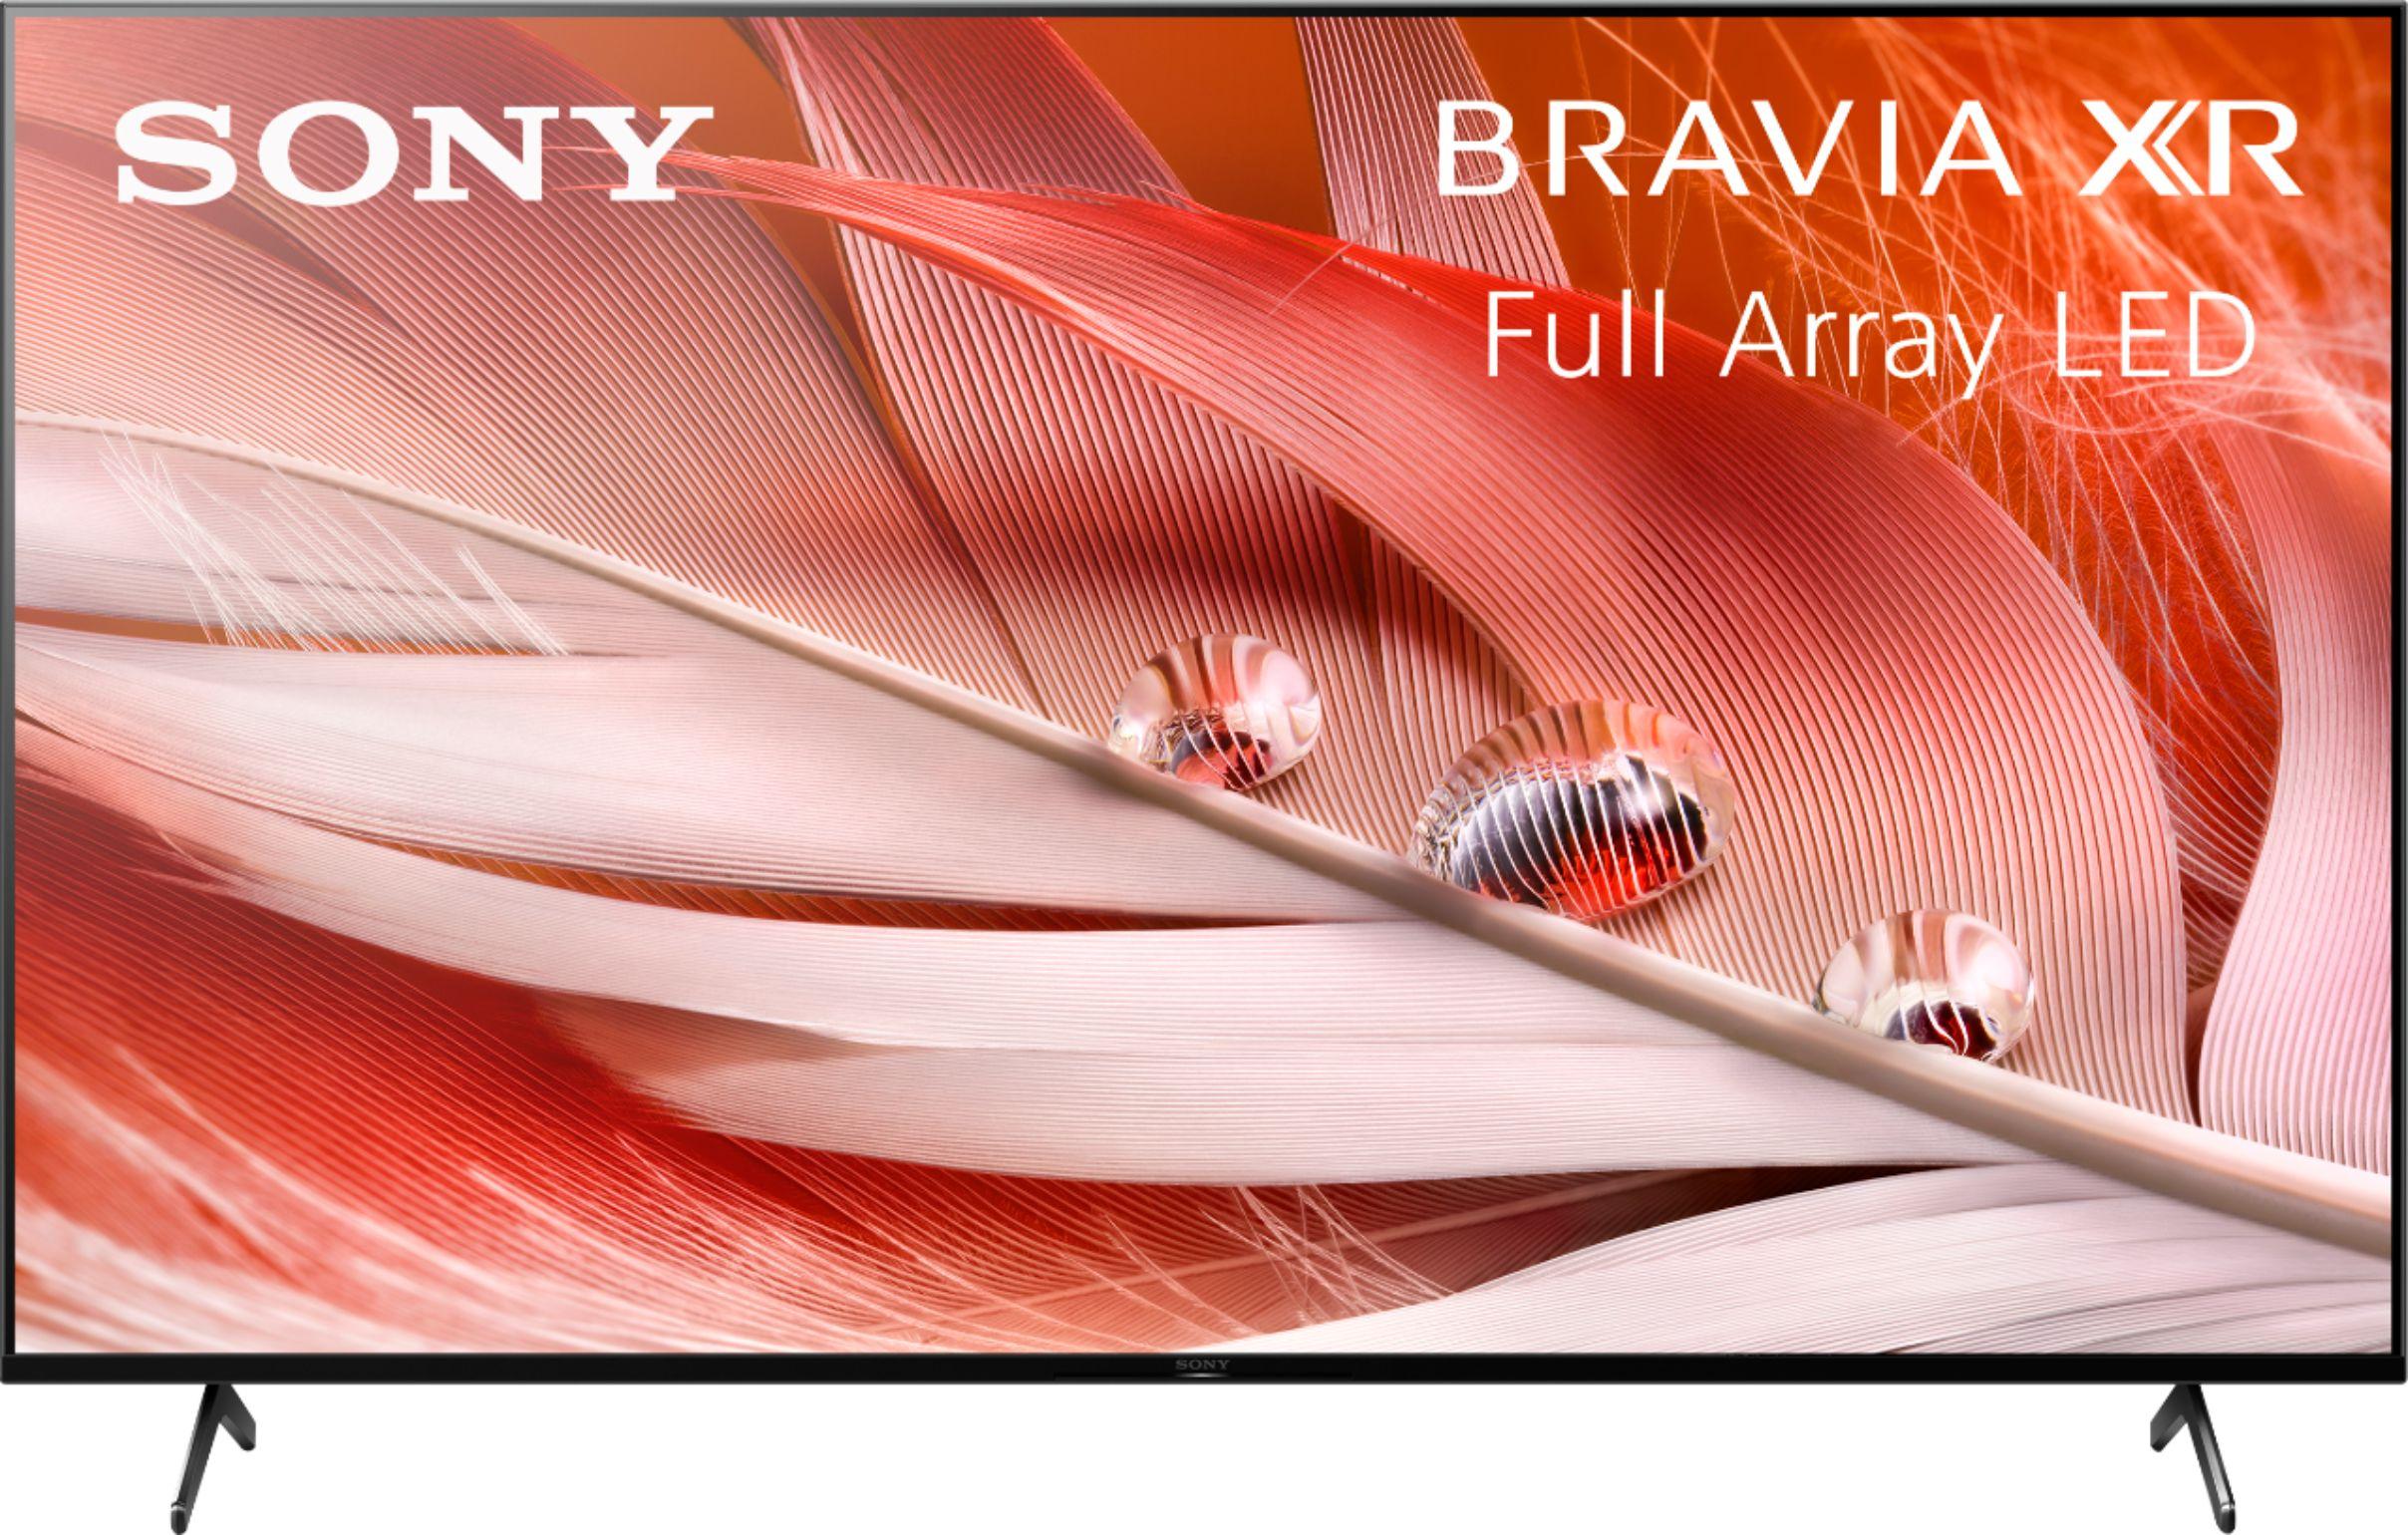 """Sony 65"""" Class BRAVIA XR X90J Series LED 4K UHD Smart Google TV XR65X90J - Best Buy $1299.99"""